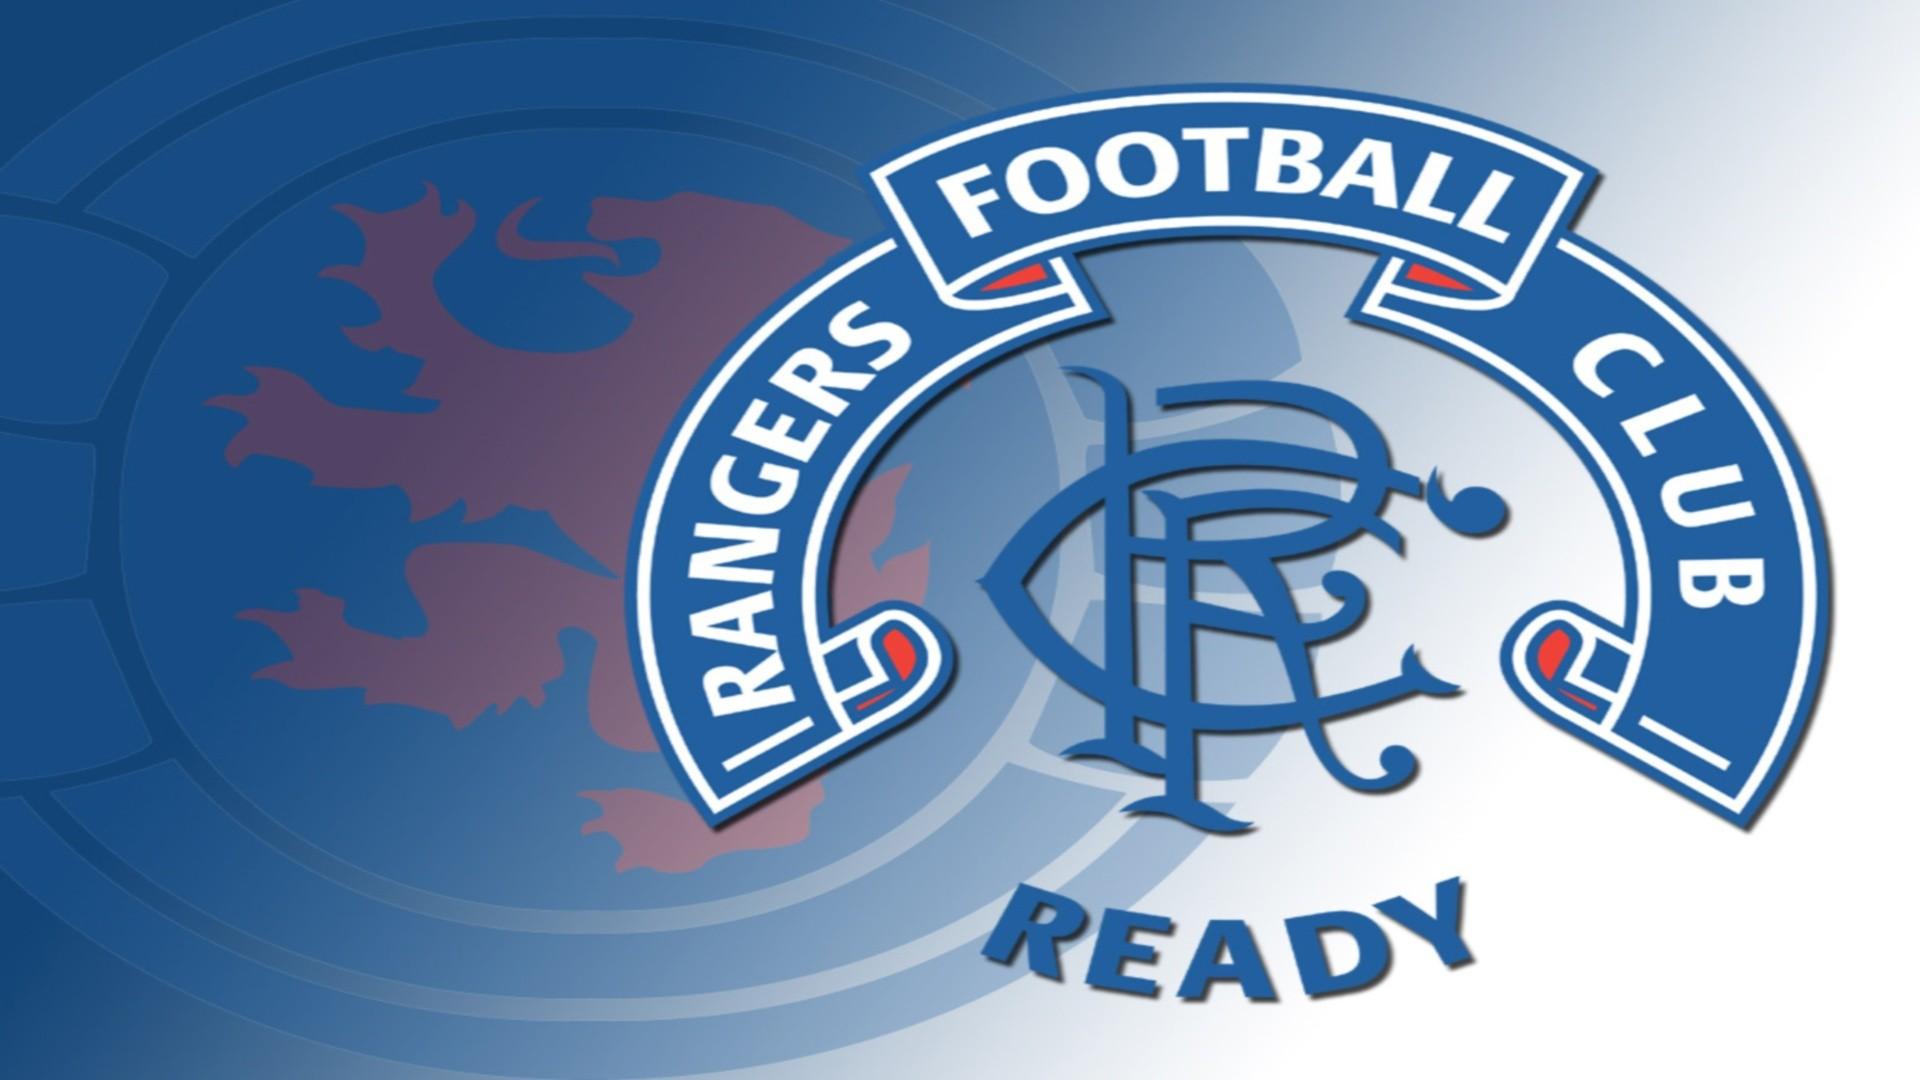 Fonds d'écran Glasgow Rangers : tous les wallpapers Glasgow Rangers